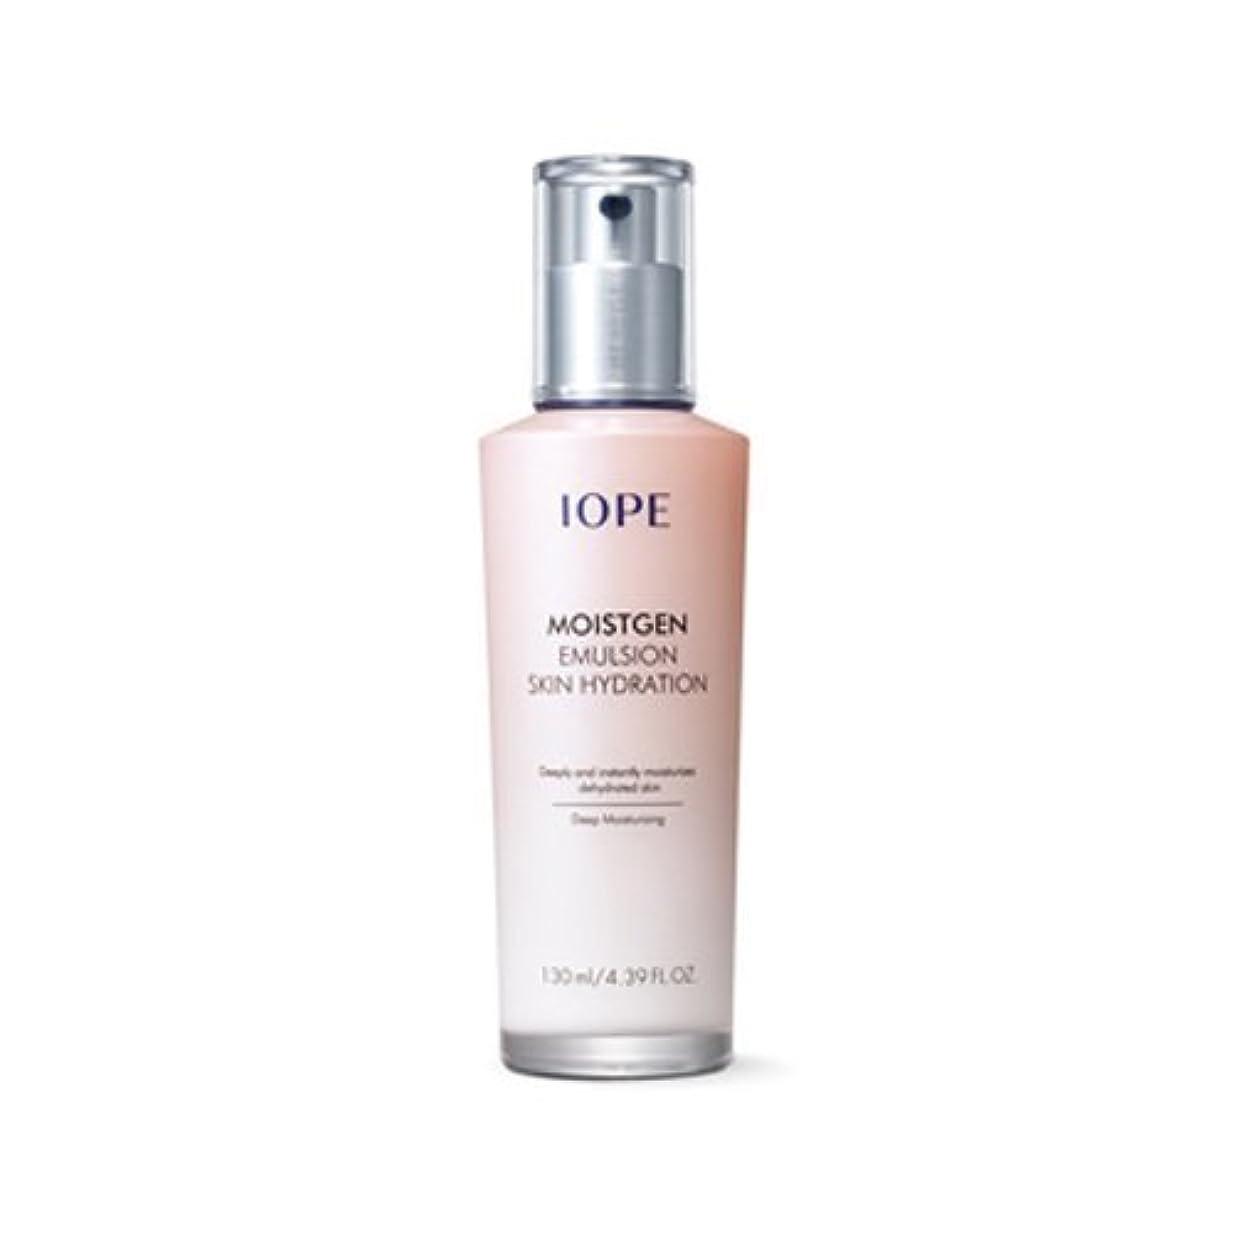 オセアニア第二抜本的なIOPE Moistgen Emulsion Skin Hydration_130ml